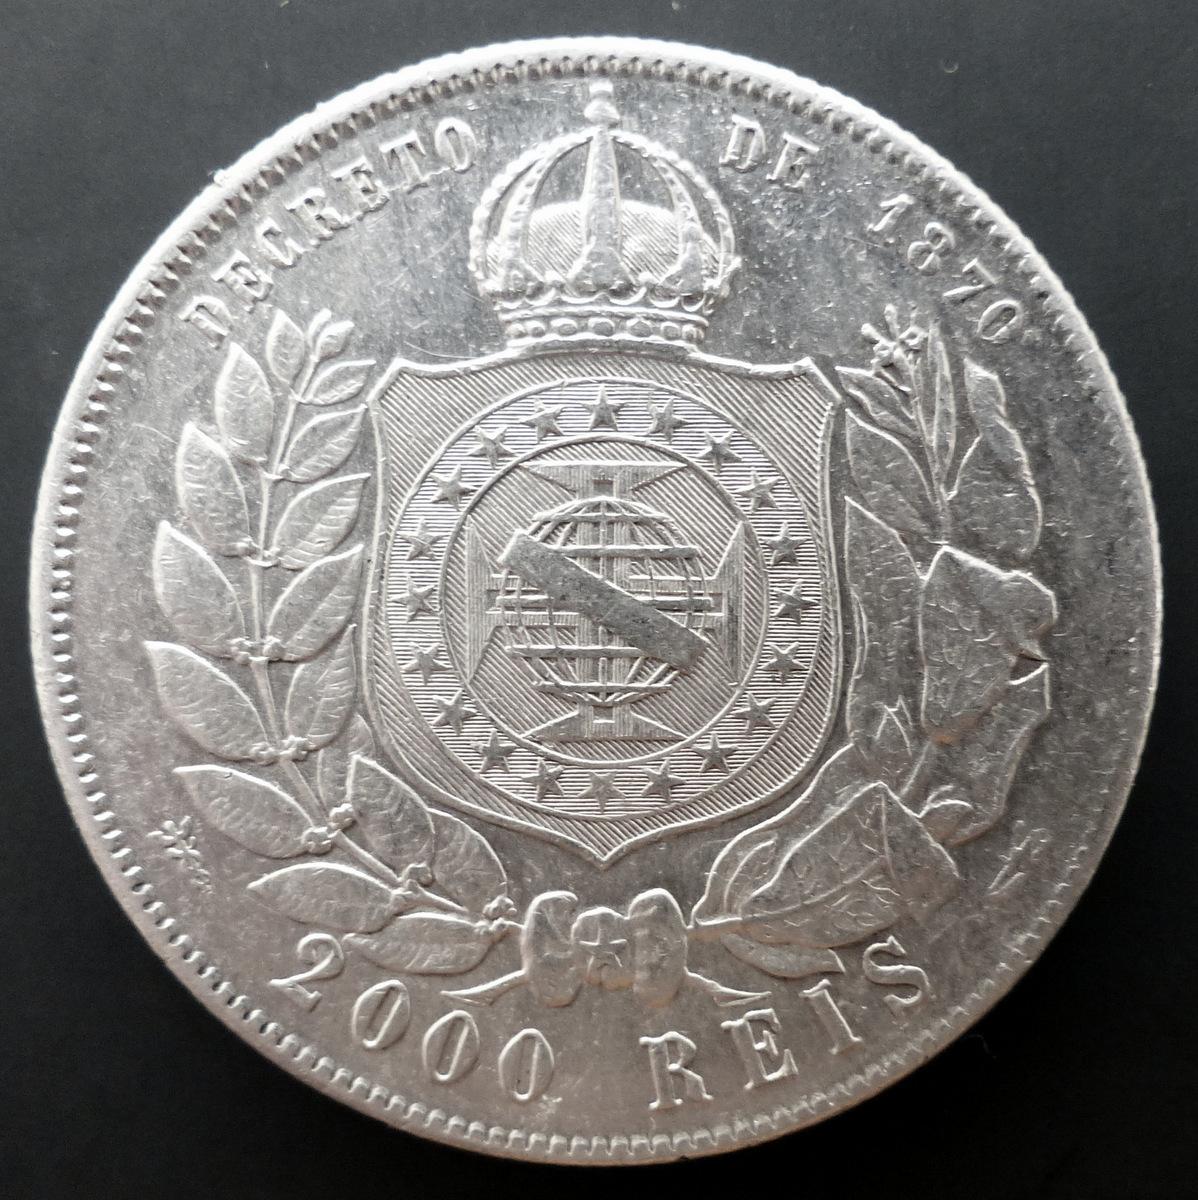 Brasil - 2.000 Réis - Pedro II - 1889 2000_reis_r